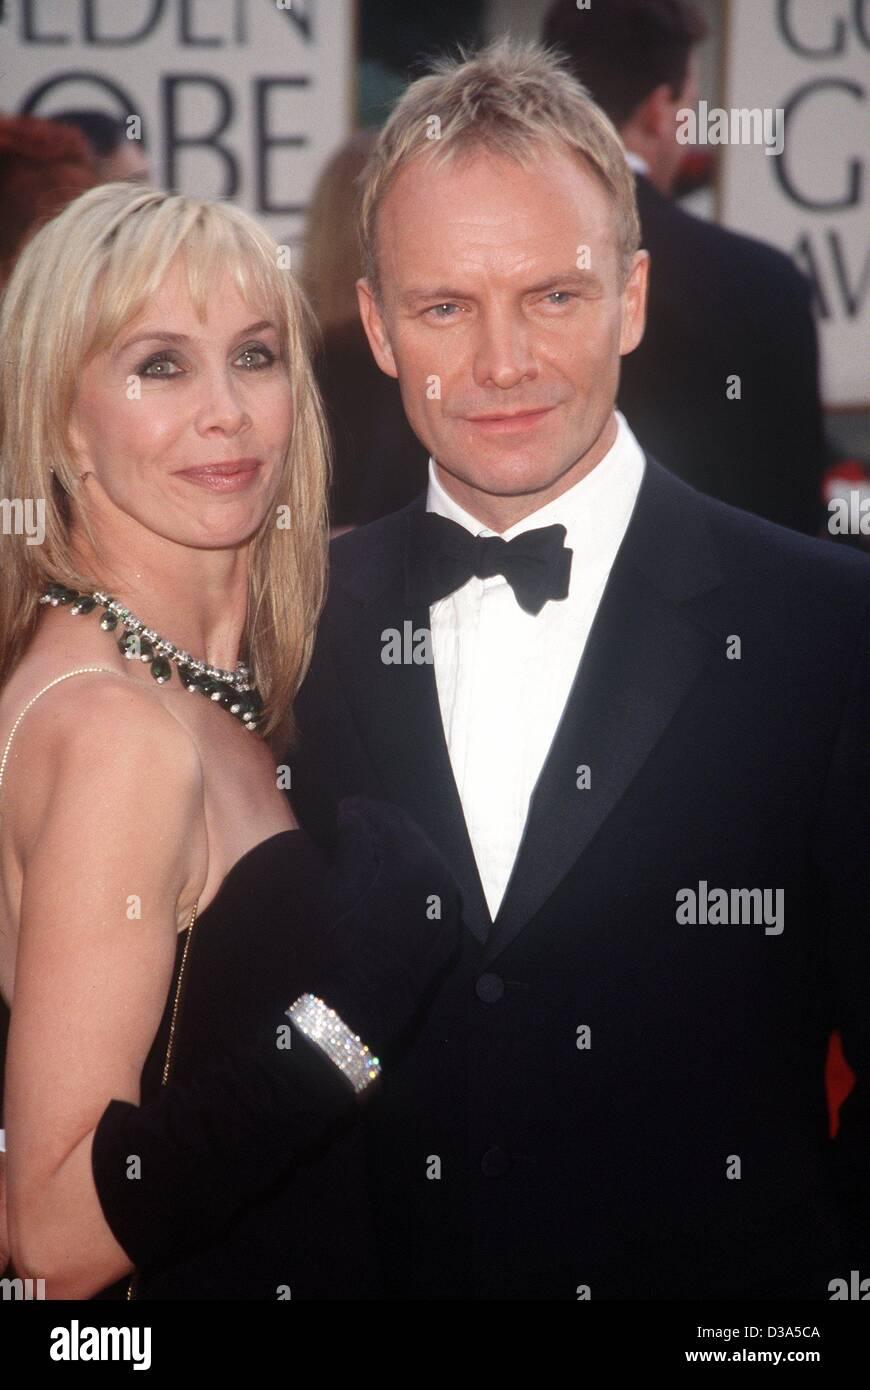 """(Dpa-Dateien) - britischer Rock-Musiker Sting und seine Frau Trudie Styler kommen bei den 58. Golden Globes in Beverly Hills, 21. Januar 2001. Sting wurde nominiert für seinen Song """"Meine lustigen Freund und mich"""" in """"Des Kaisers neue Groove"""" für den besten Original Song, aber nicht gewinnen. Stockfoto"""